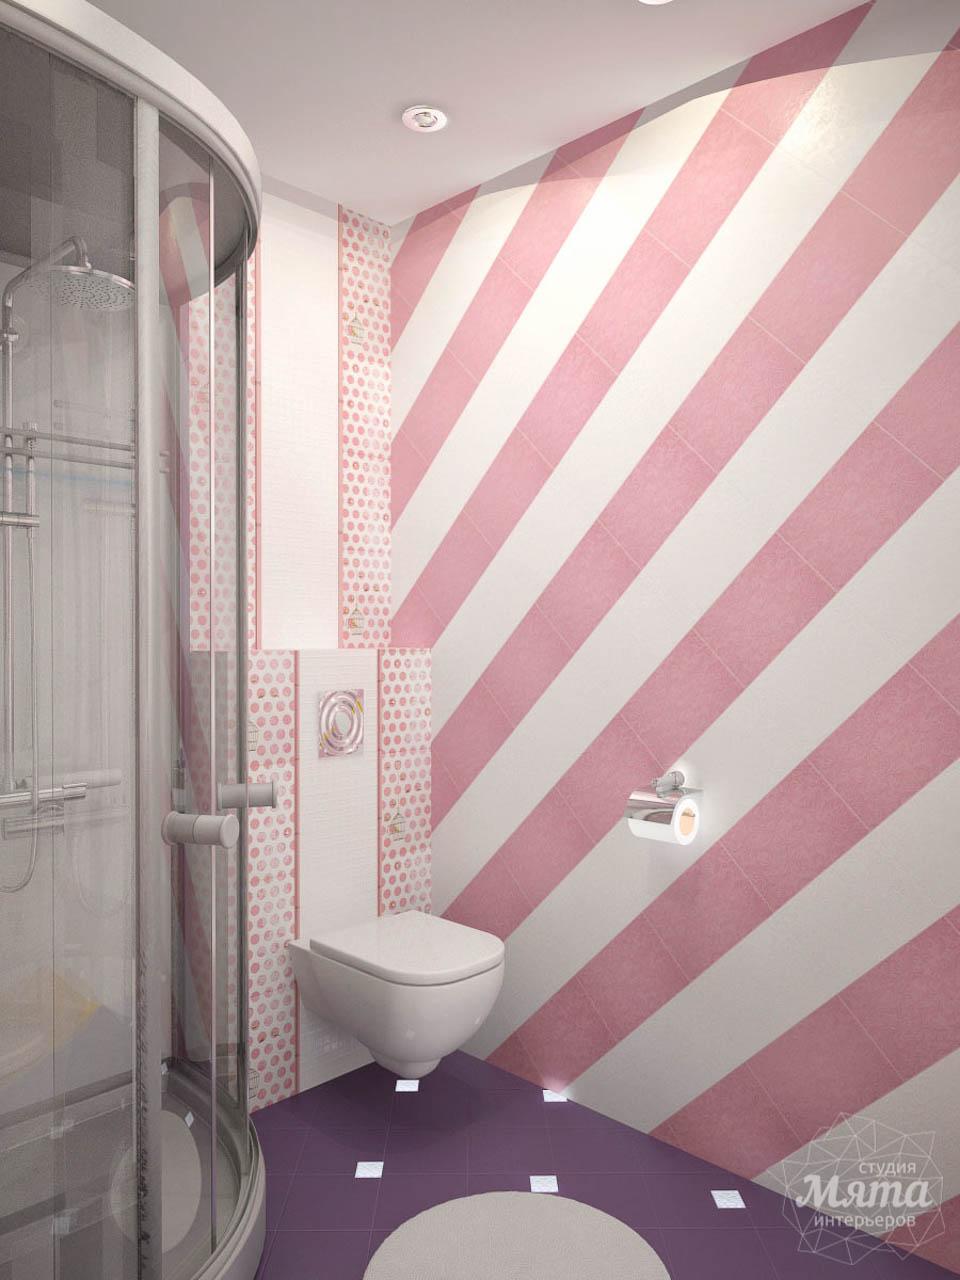 Дизайн интерьера и ремонт трехкомнатной квартиры по ул. Фучика 9 img964360165